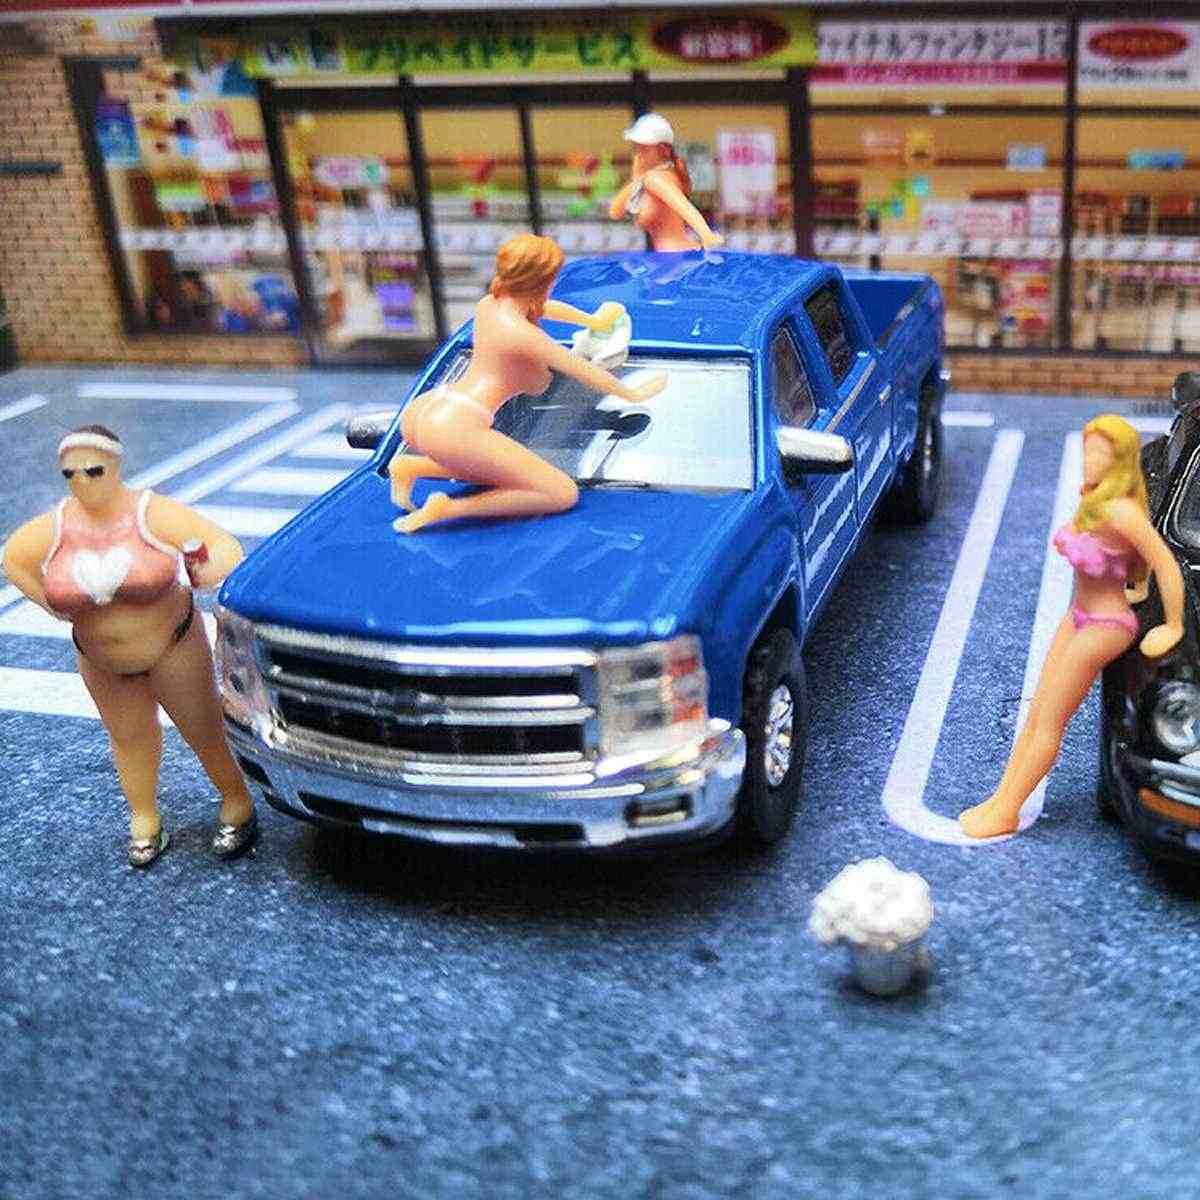 1: 64 Ras Medali Diorama Cuci Mobil Bikini Adik Gambar Yang Indah Gadis Model Skenario Mainan untuk Model Kekasih untuk Kotak Korek Api